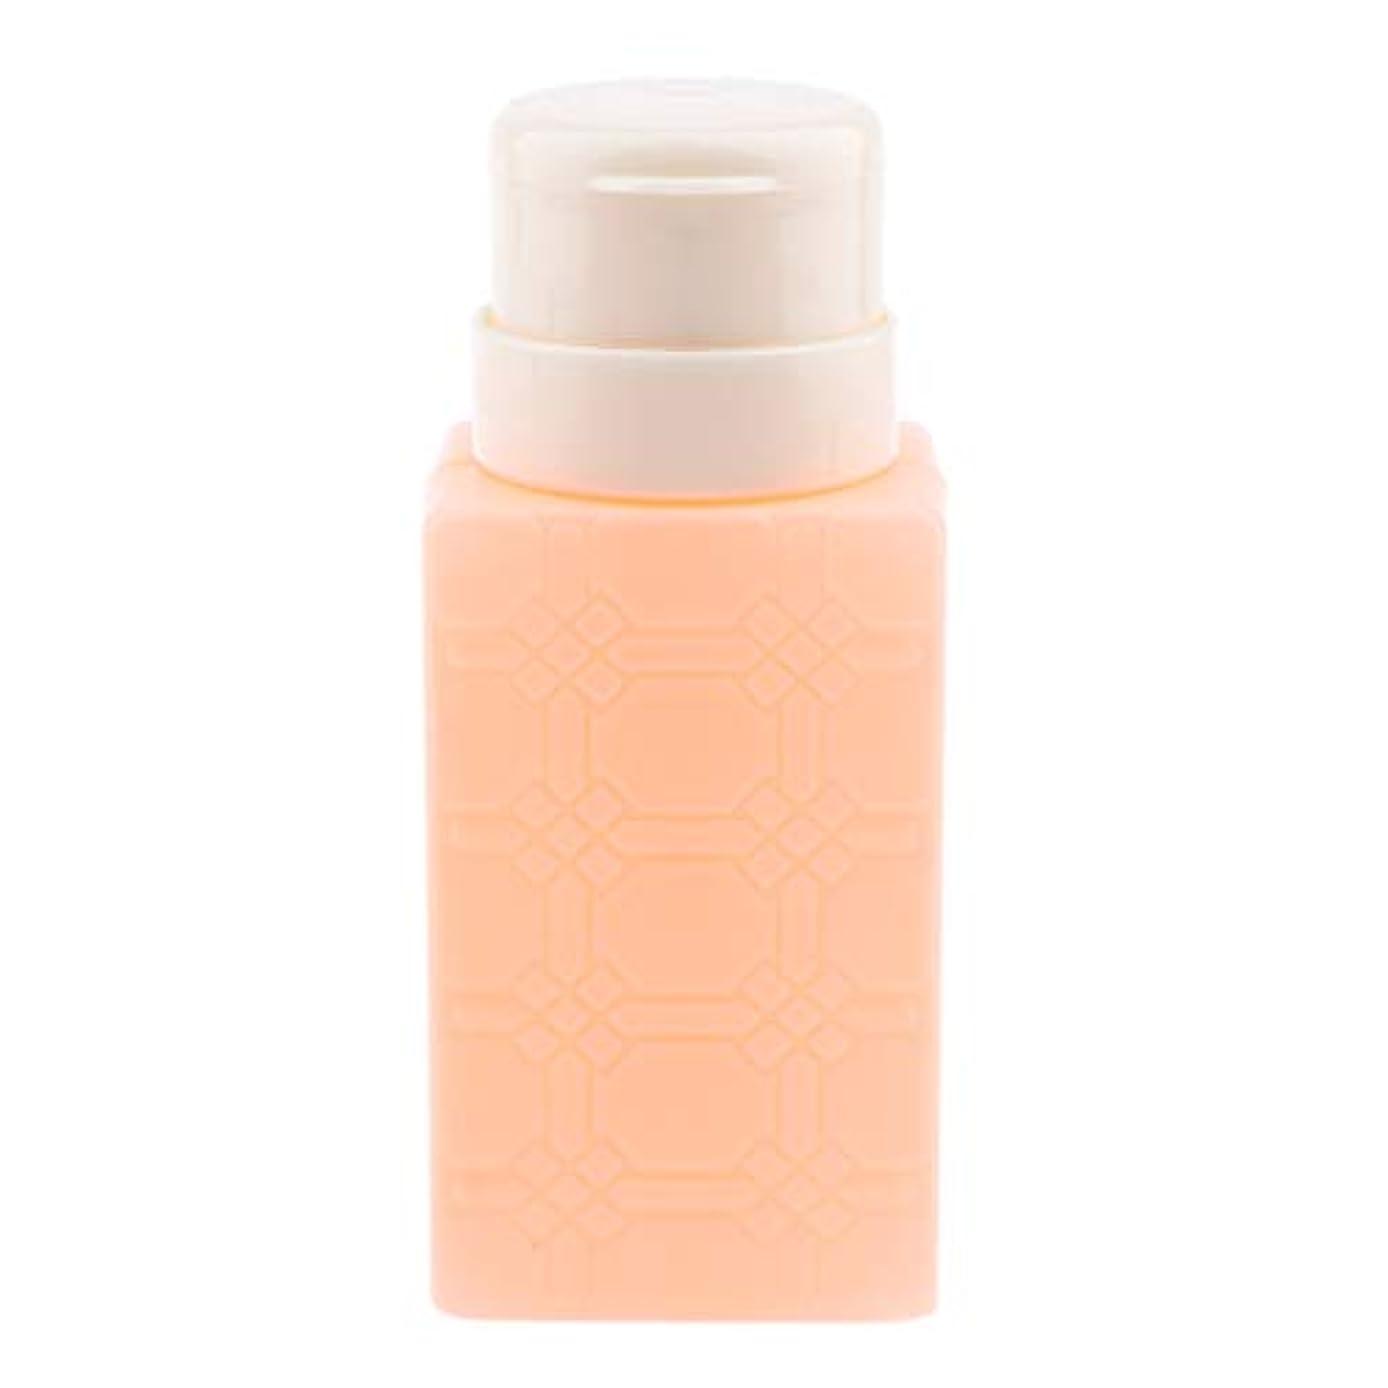 語抜本的な聖人P Prettyia 200ml ネイルアート ディスペンサーポンプボトル ネイルサロン 4色選べ - オレンジ